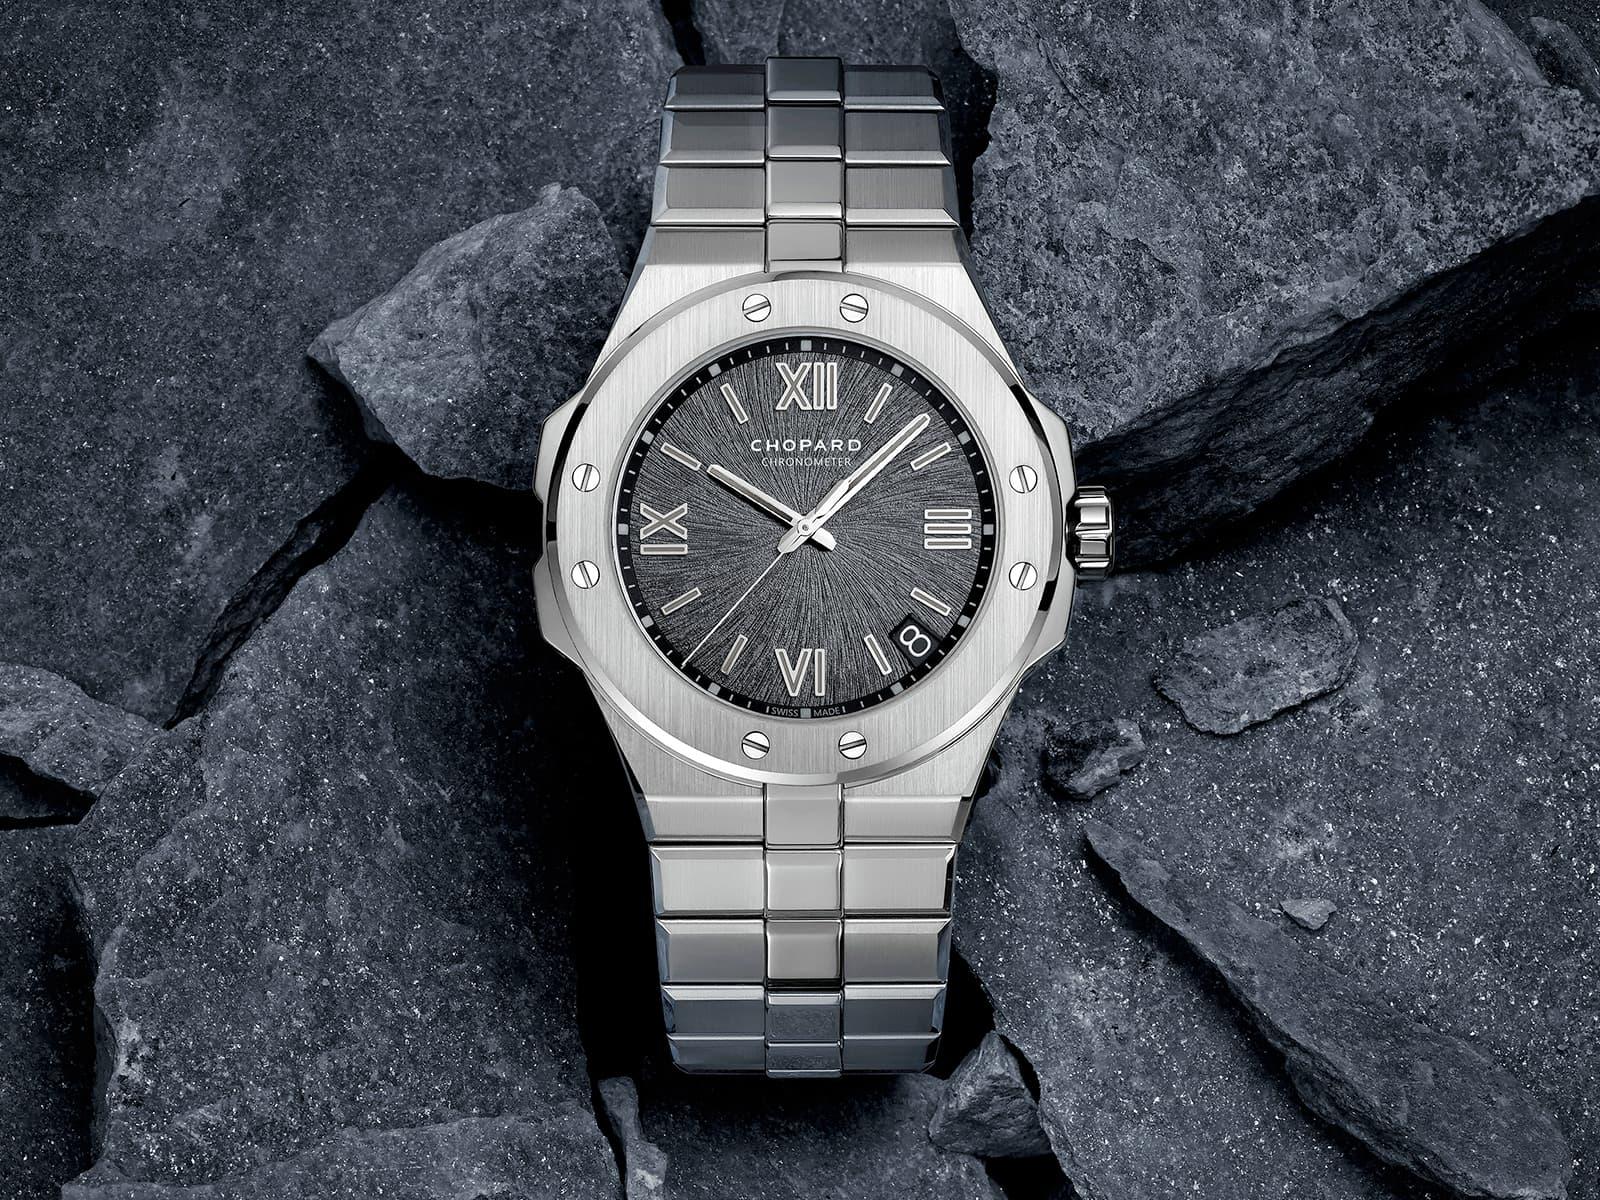 298600-3002-chopard-alpine-eagle-1.jpg